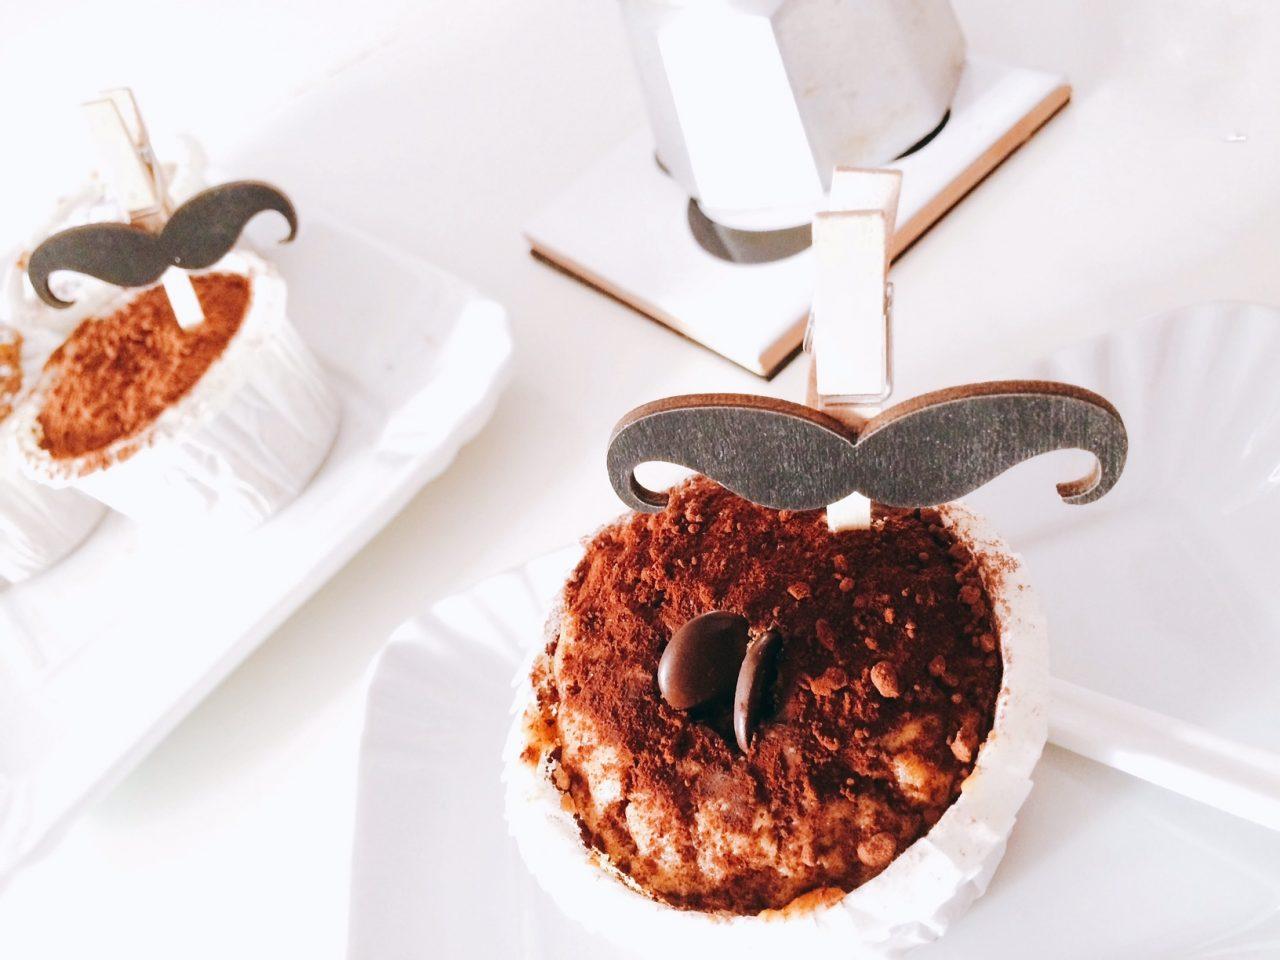 Muffin al caffè in primo piano